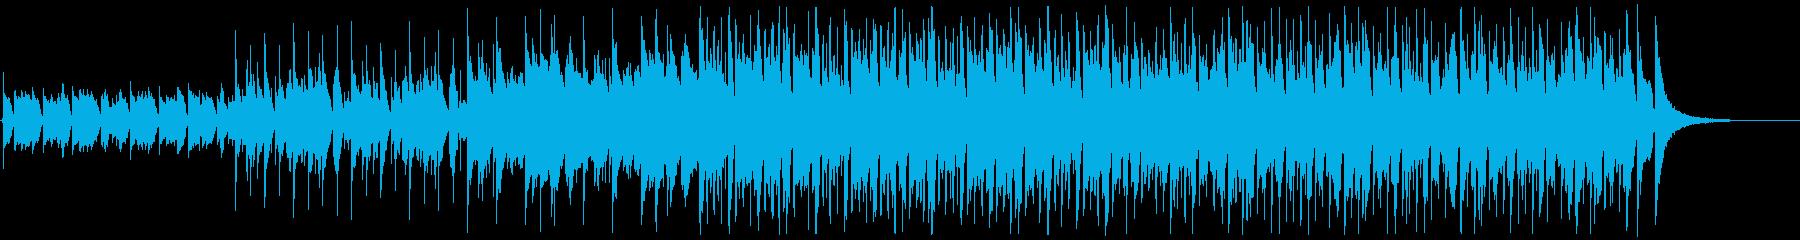 ウクレレとピアノが主なポジティブな曲の再生済みの波形